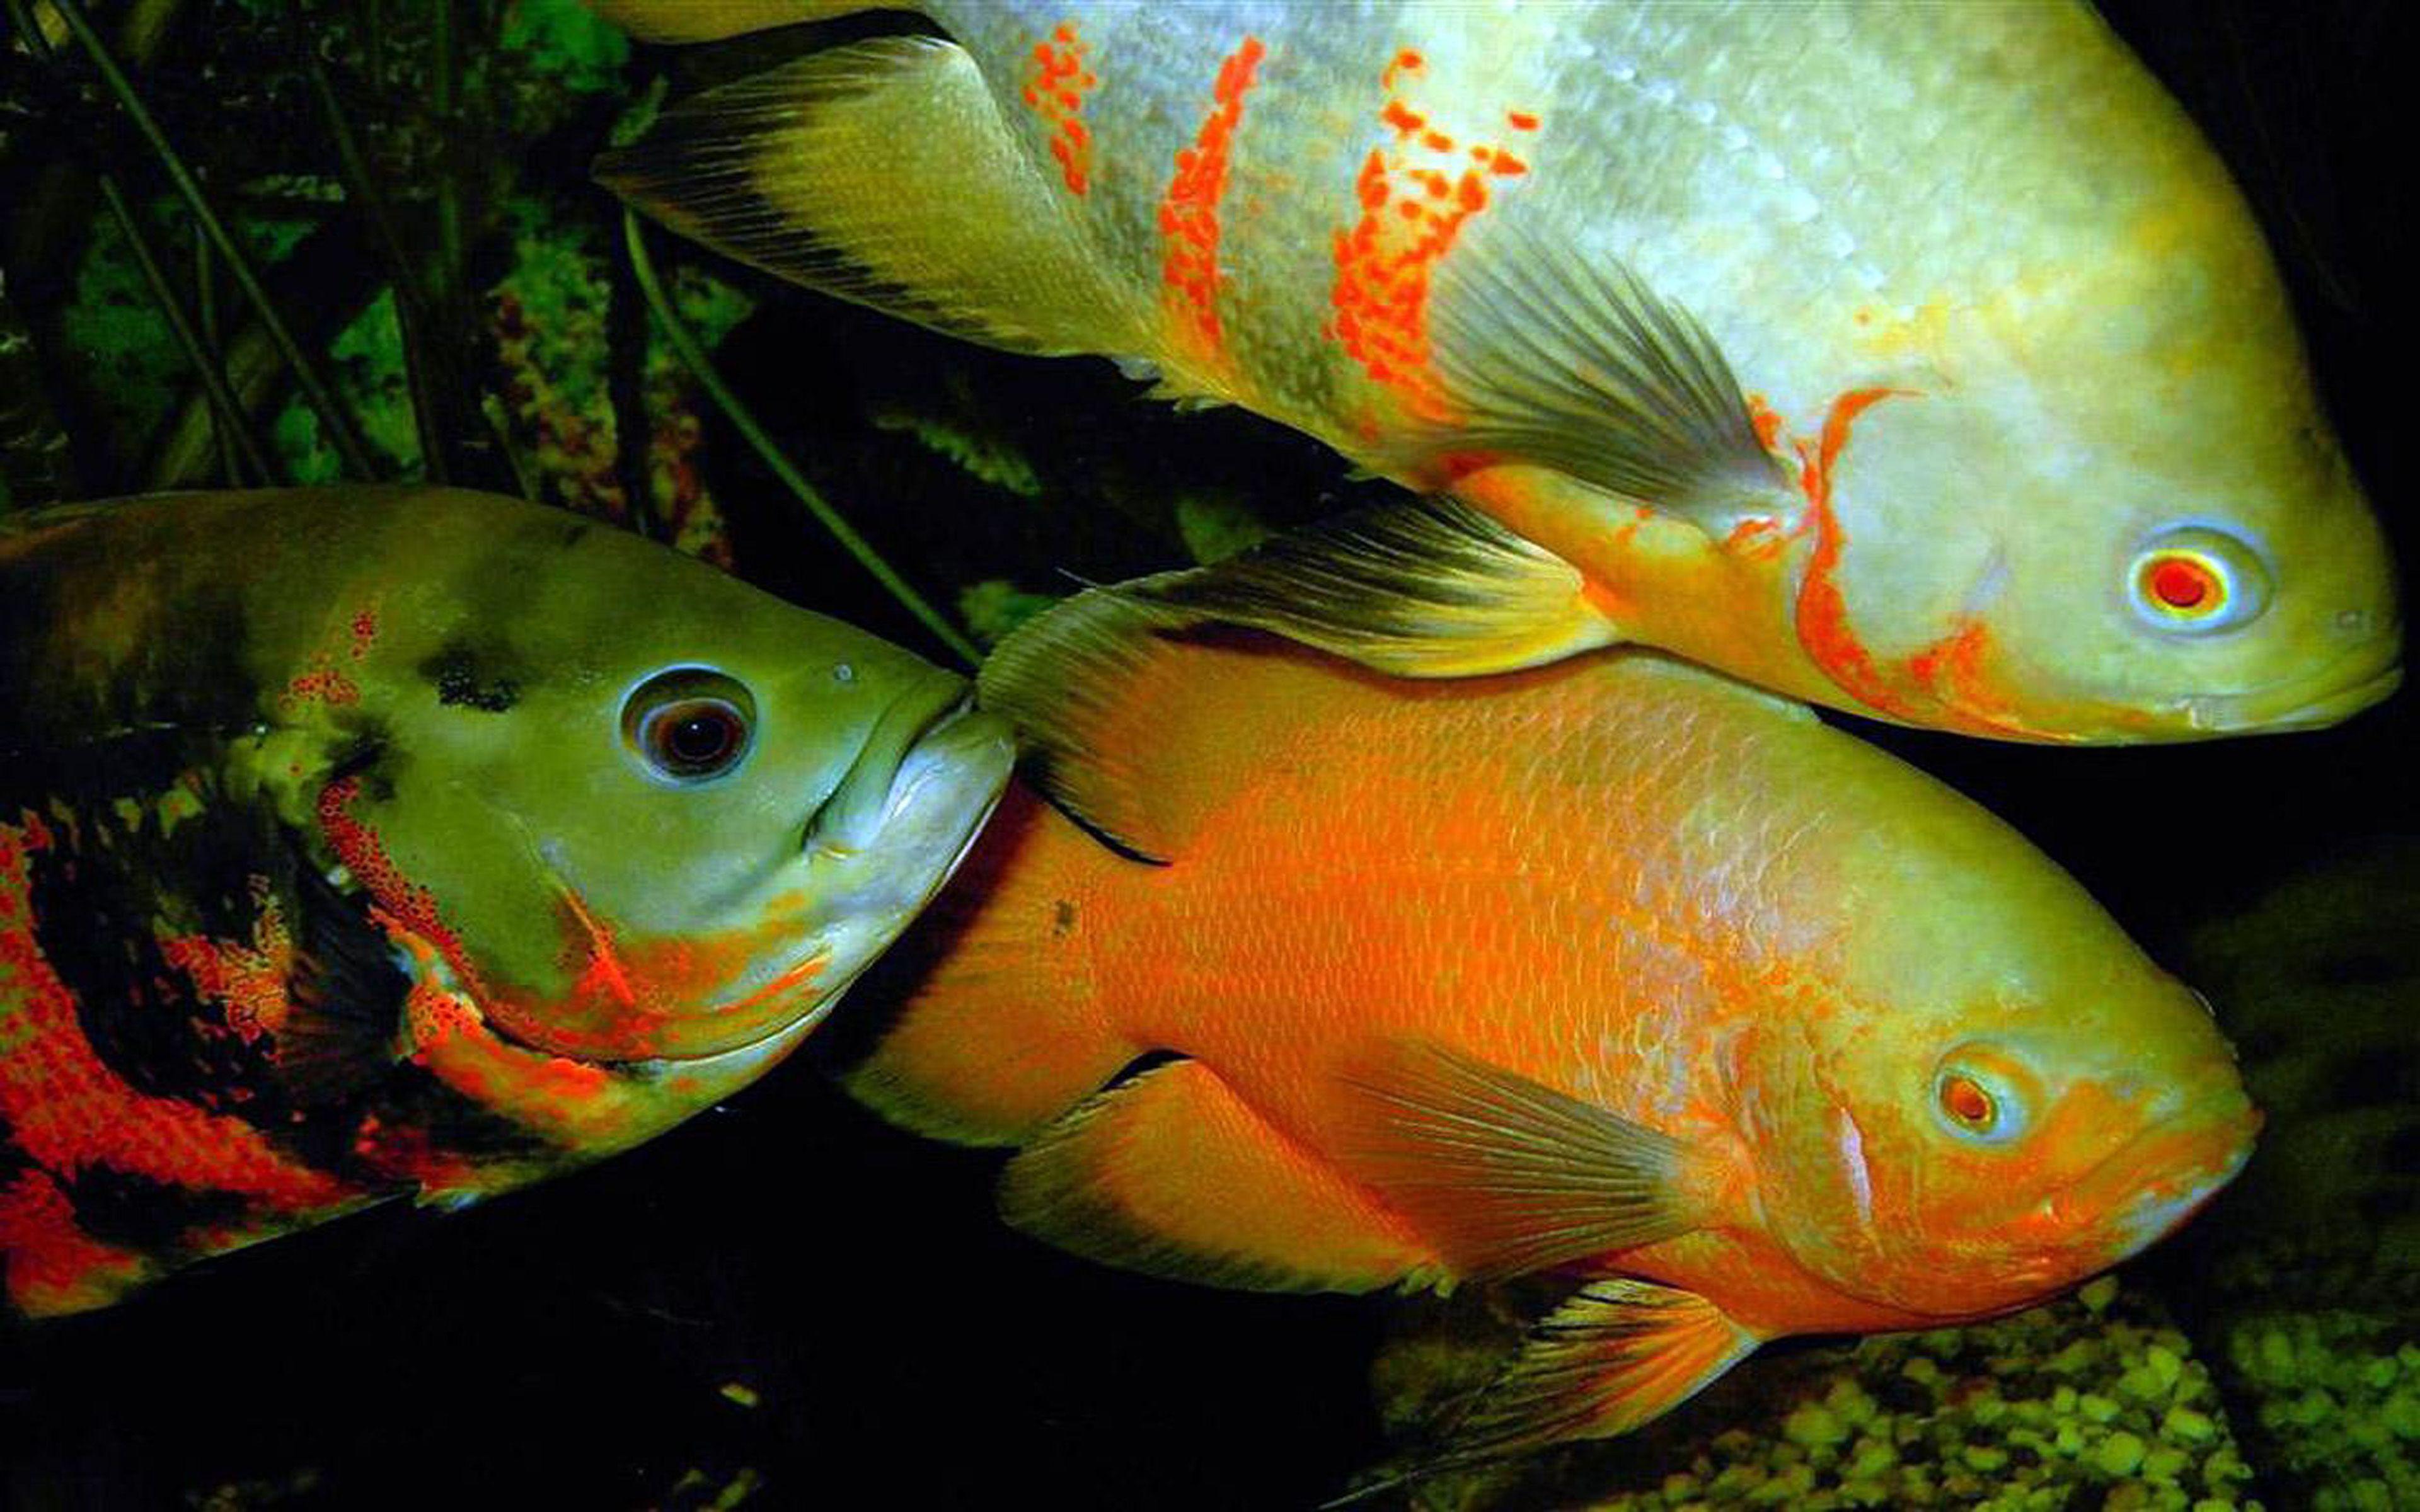 Clown Fish Live Wallpaper Download Clown Fish Live Wallpaper